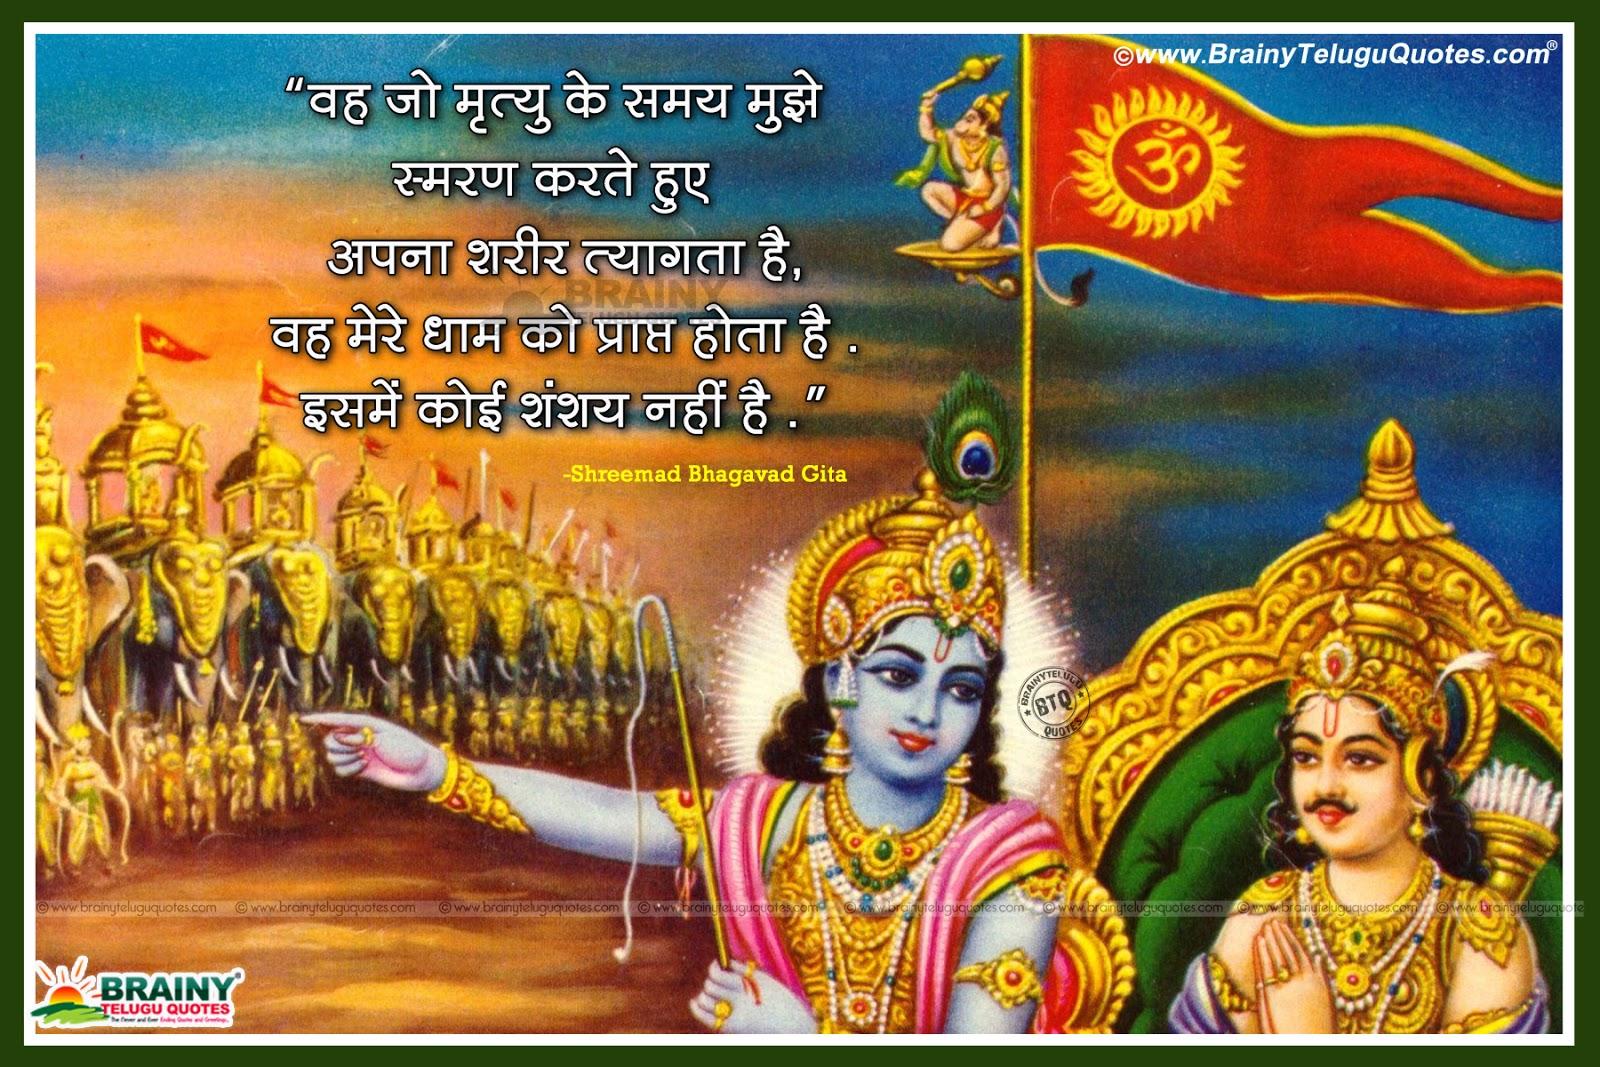 Bhavad Gita Messages Quotes In Hindi Hindi Anmol Vachan